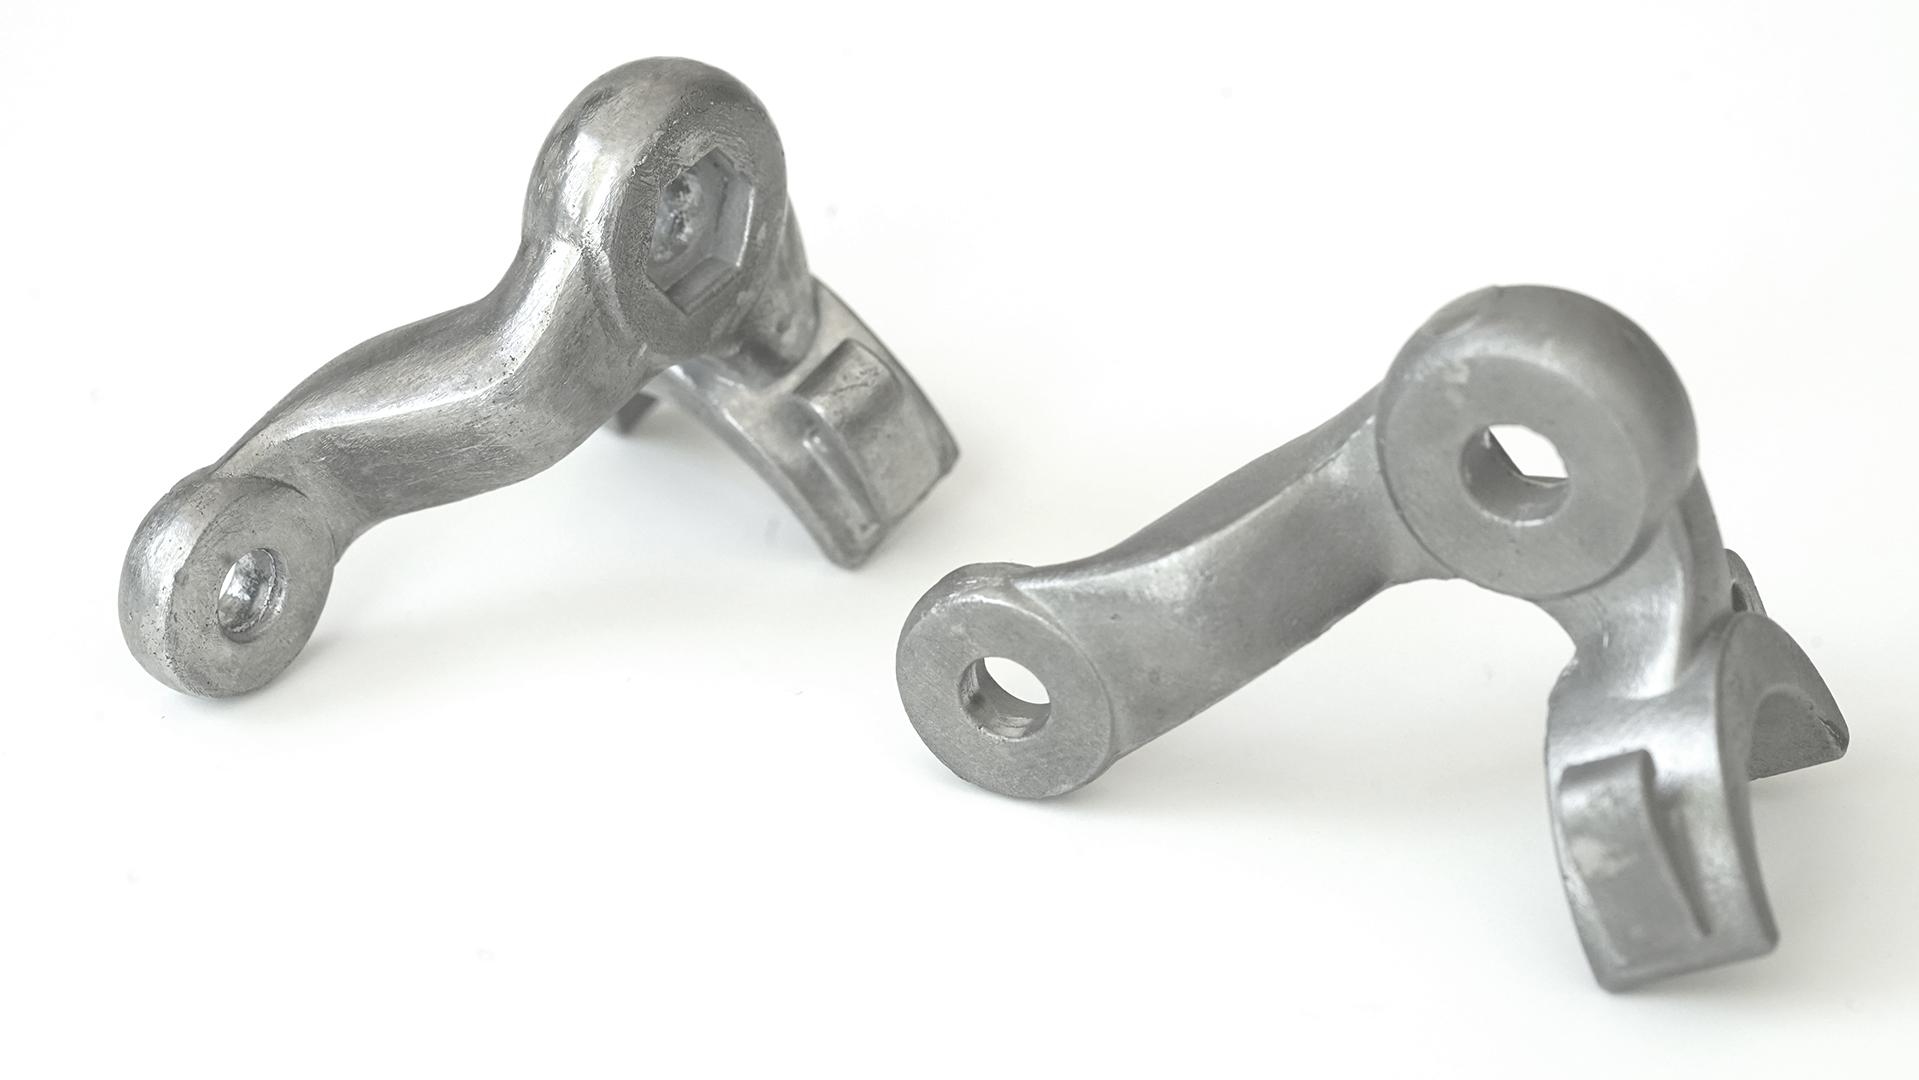 Bauteile aus Stahlguss, geschliffen und gebürstet